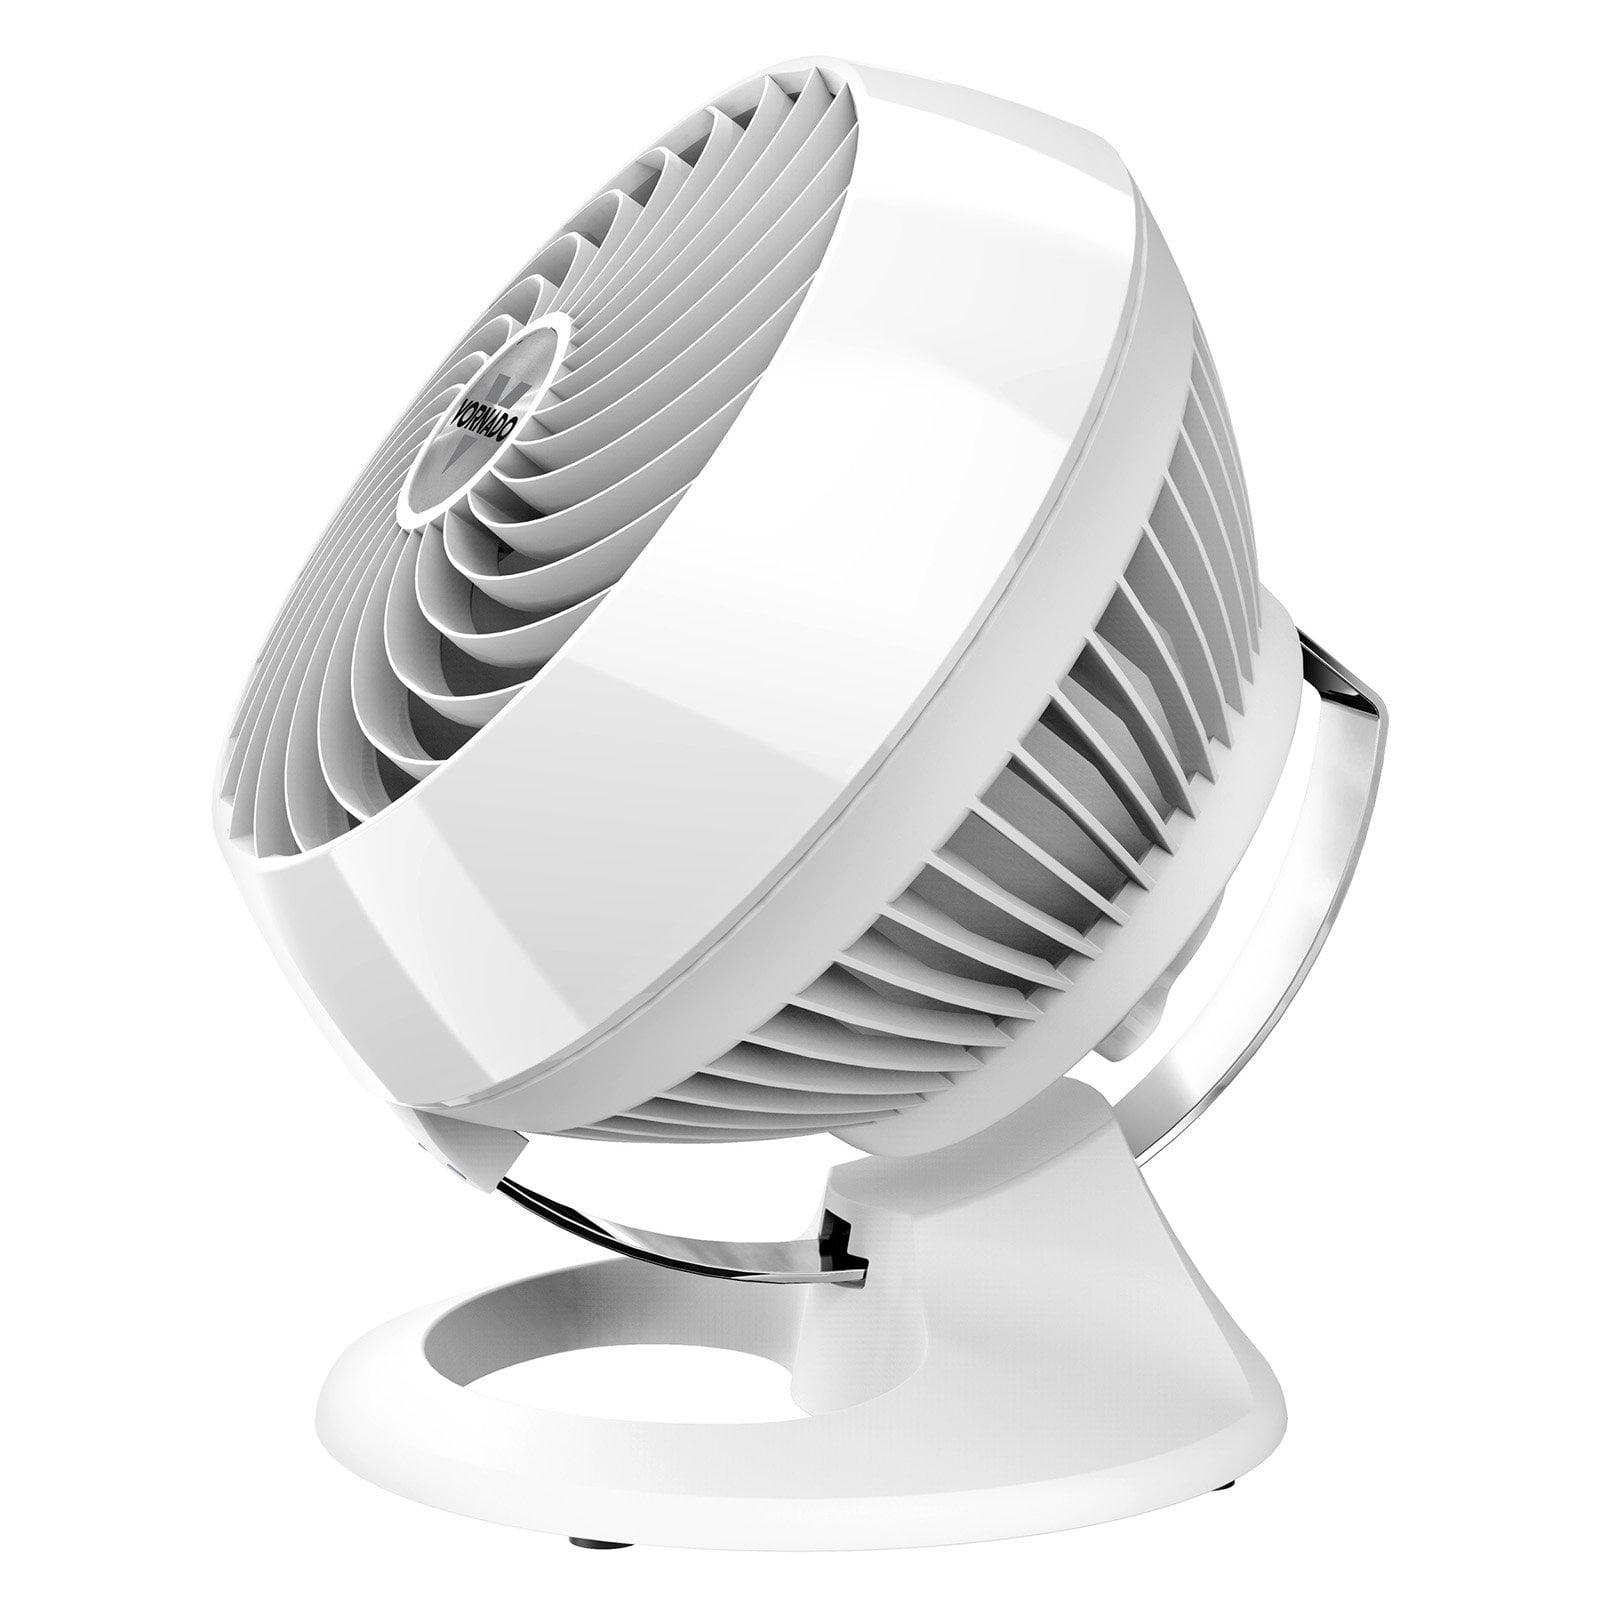 Vornado 460 Compact Whole Room Air Circulator